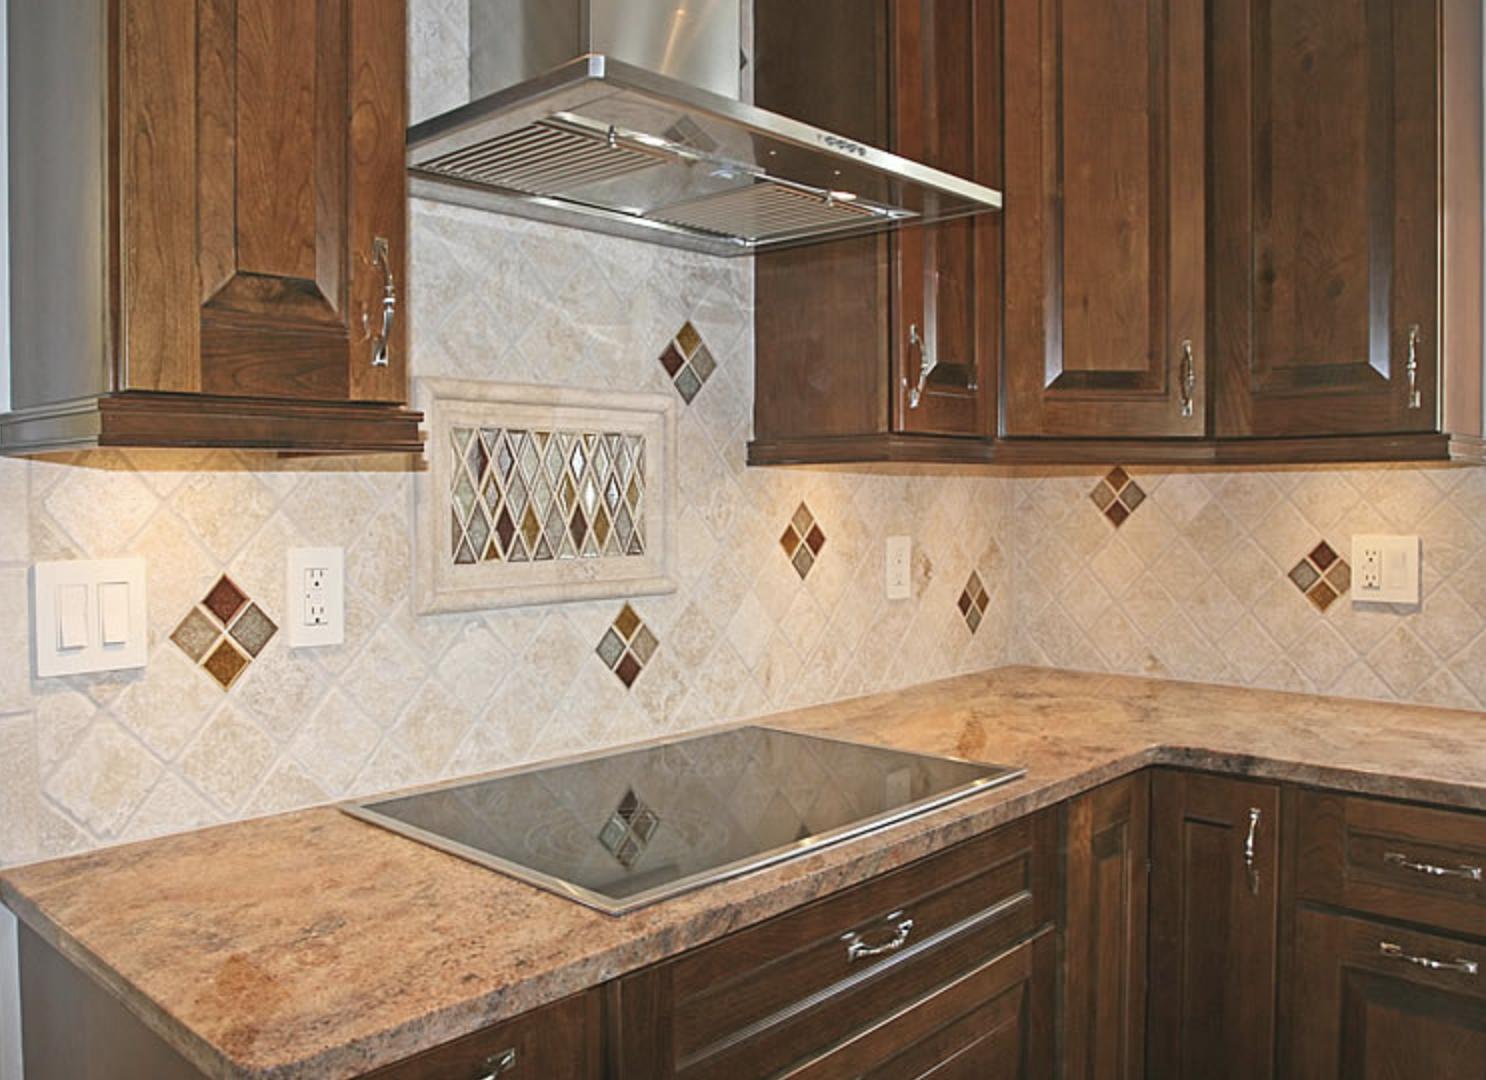 Backsplash tile, kitchen